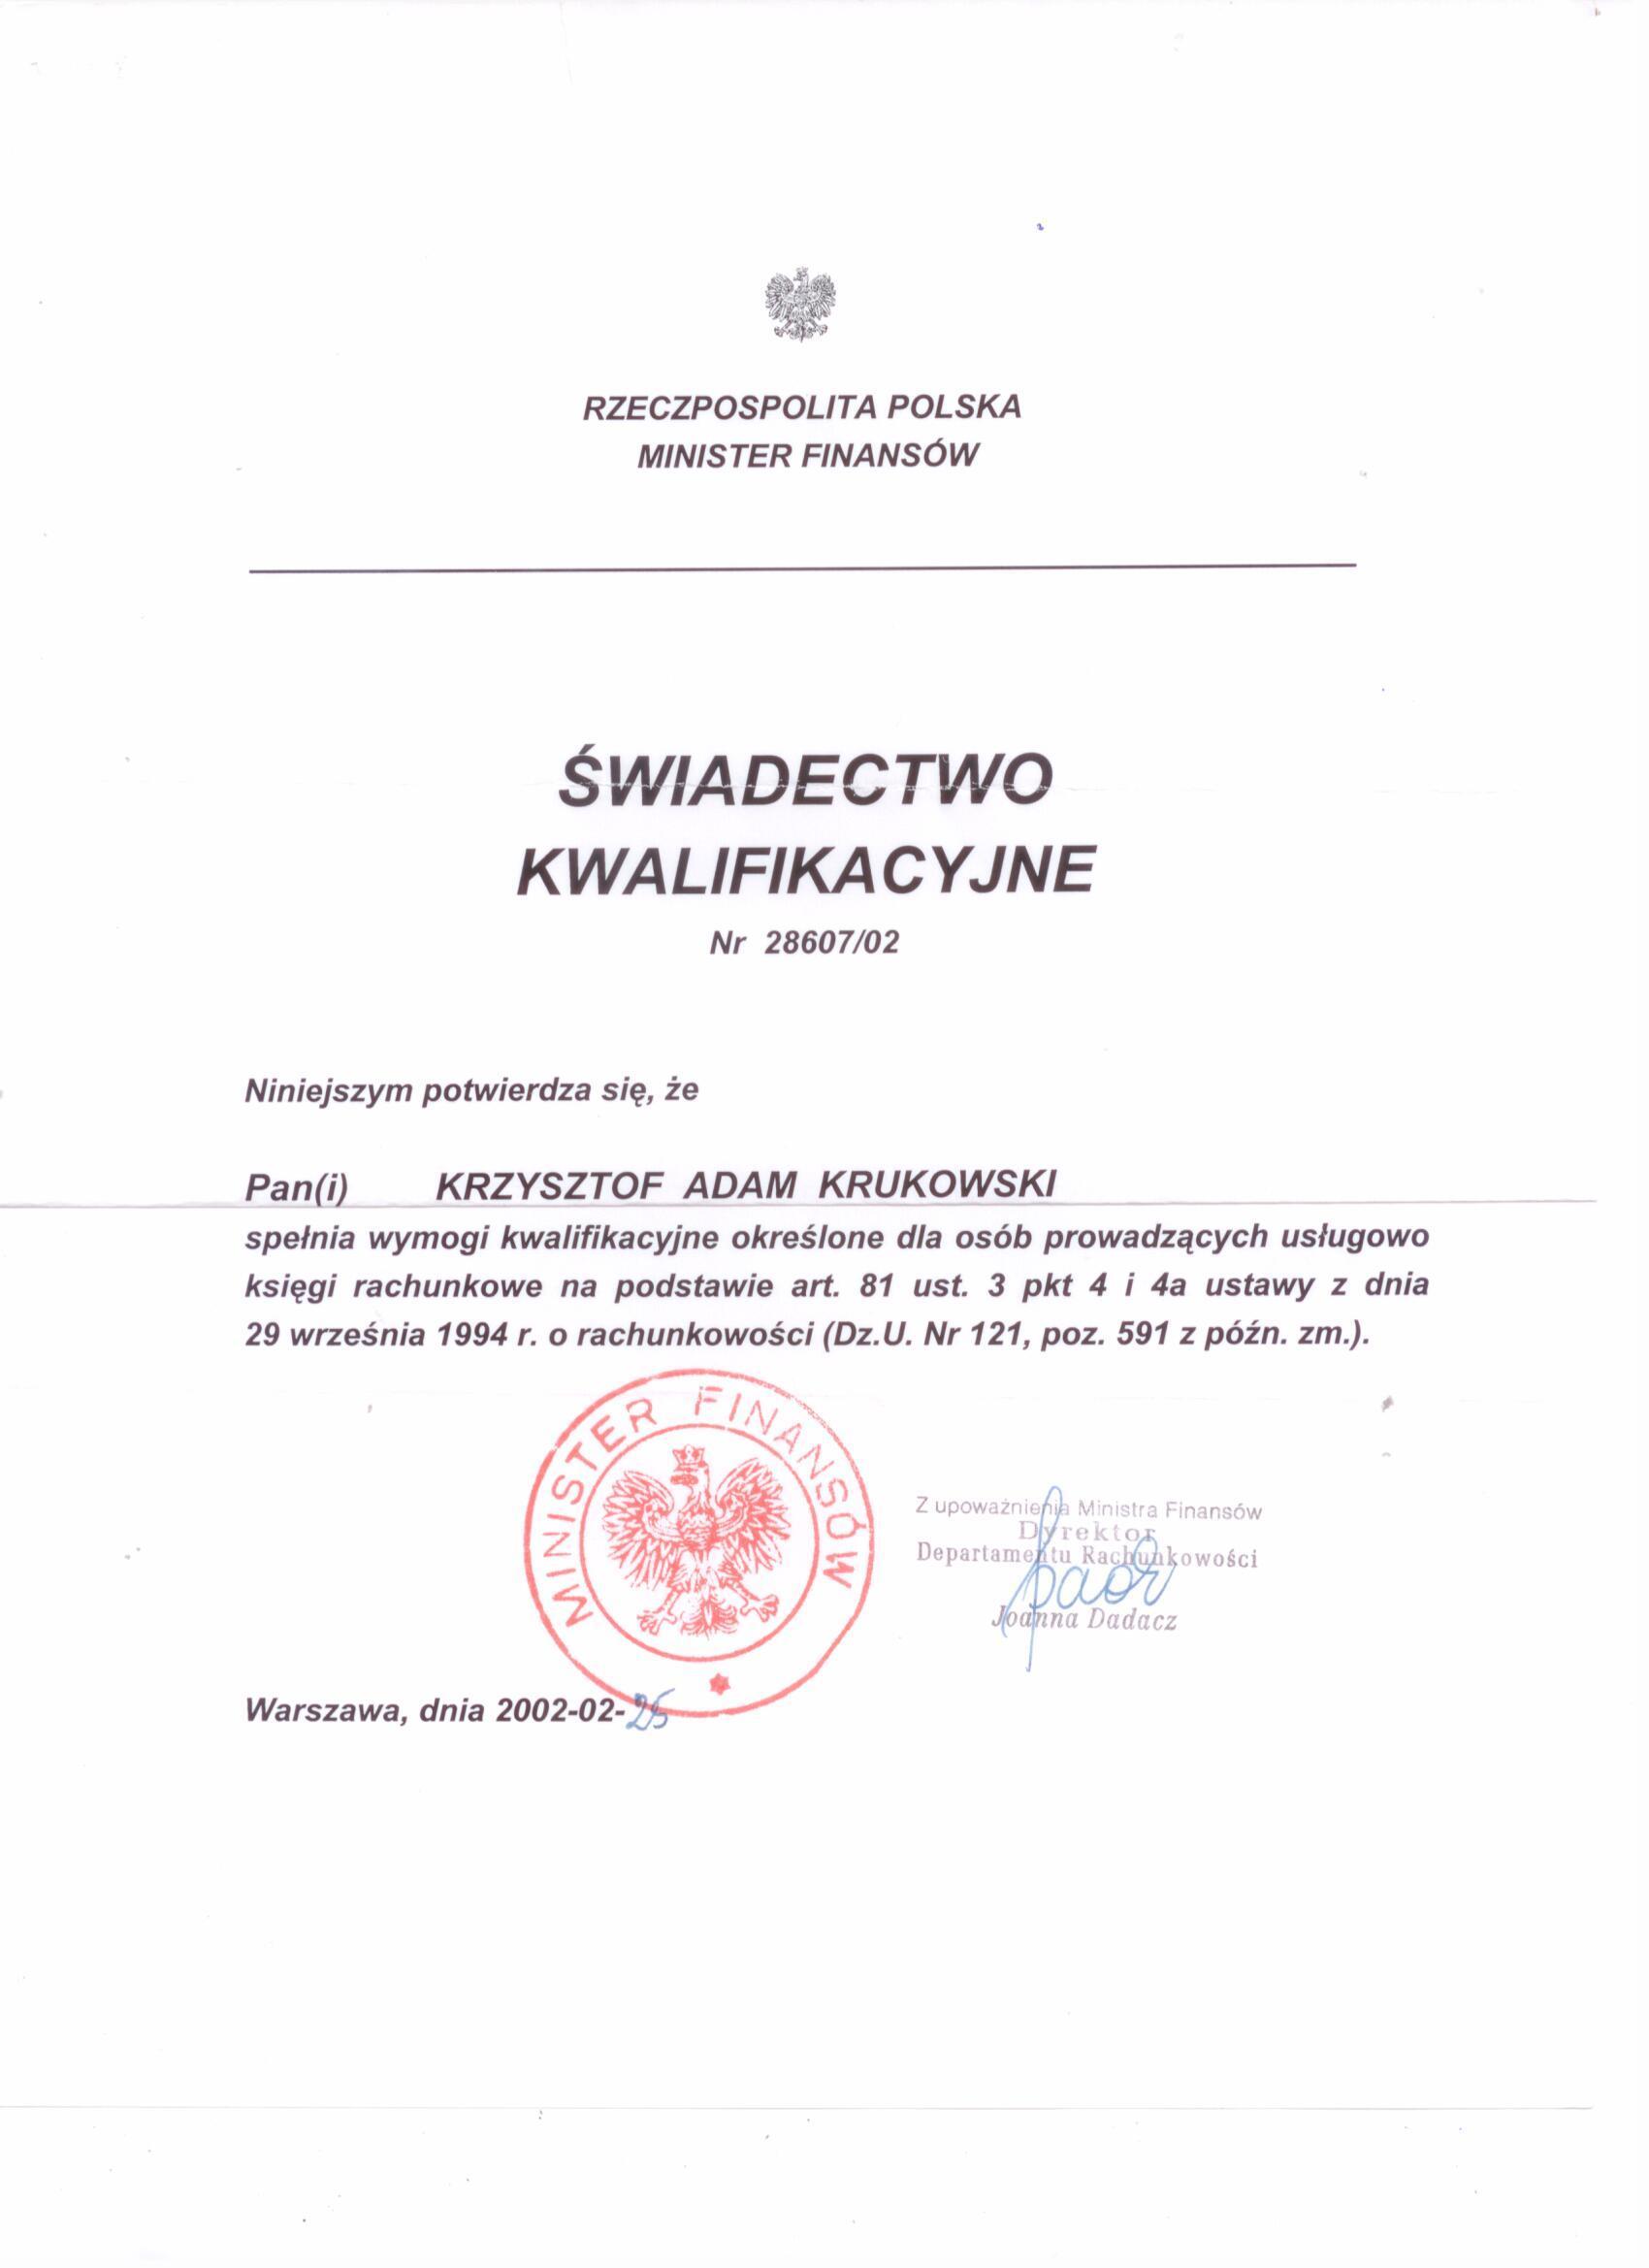 Certyfikat Kancelaria Rachunkowa Krzysztof Krukowski